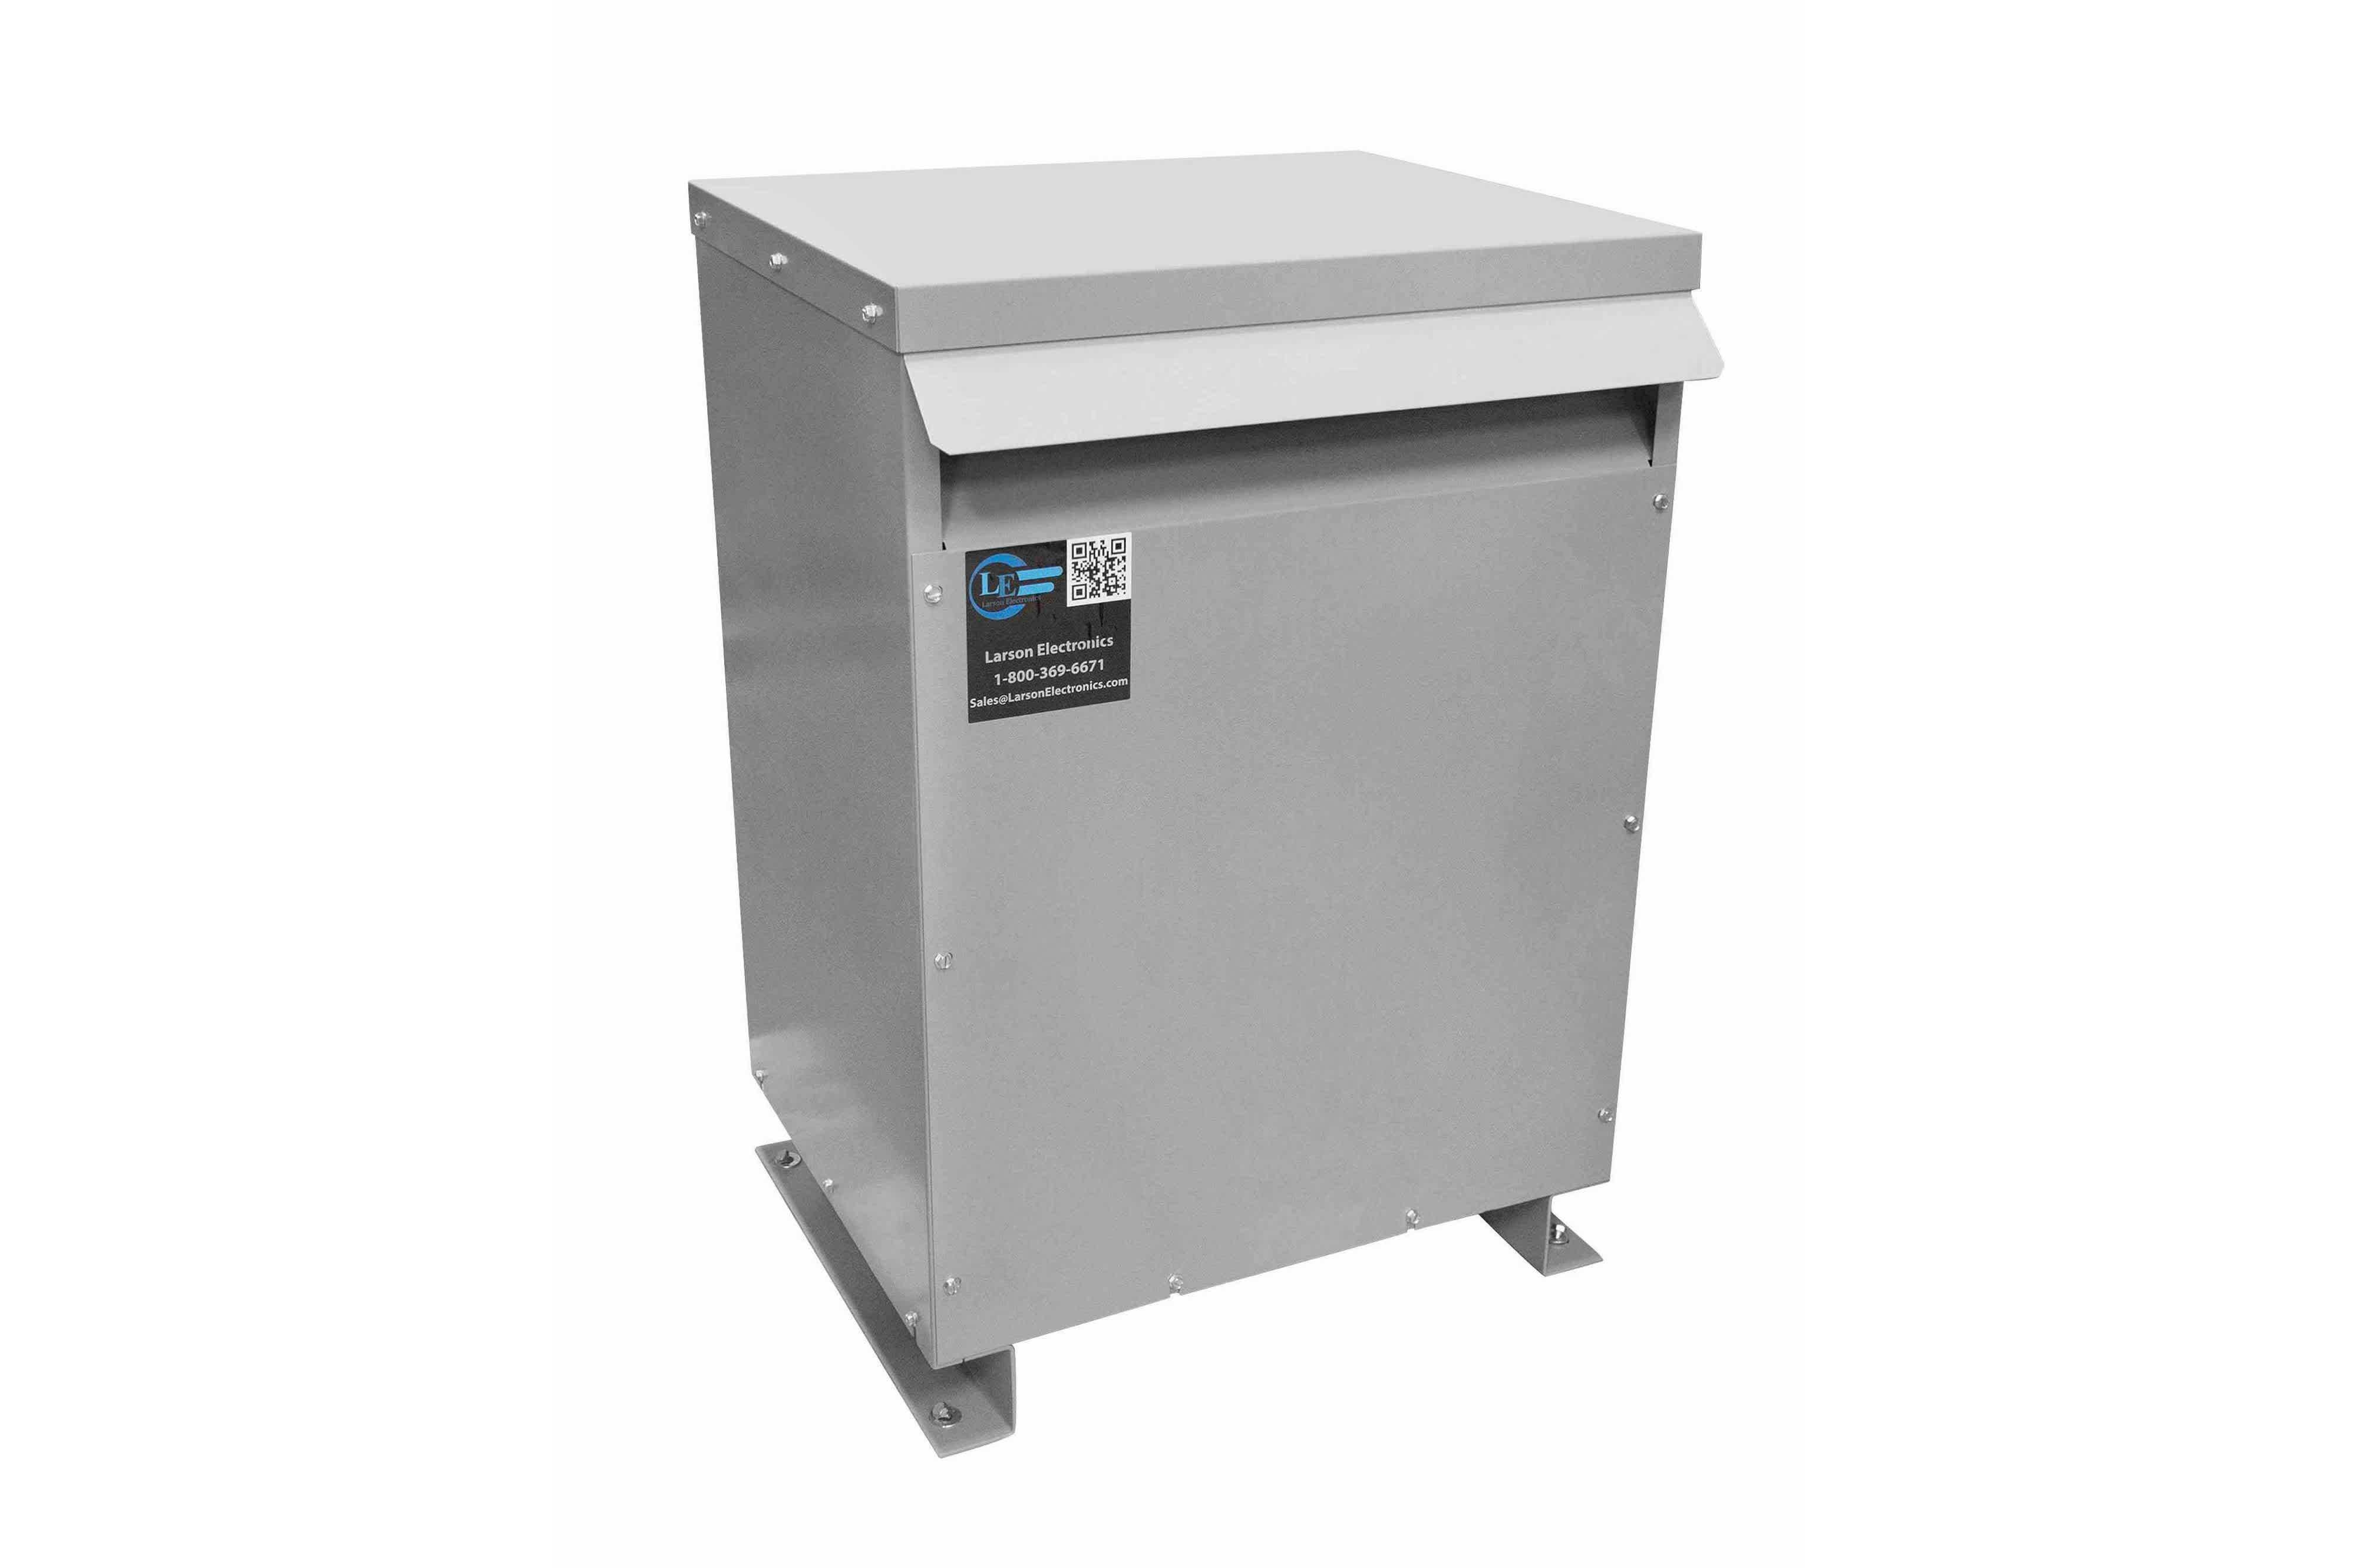 20 kVA 3PH DOE Transformer, 480V Delta Primary, 240V/120 Delta Secondary, N3R, Ventilated, 60 Hz